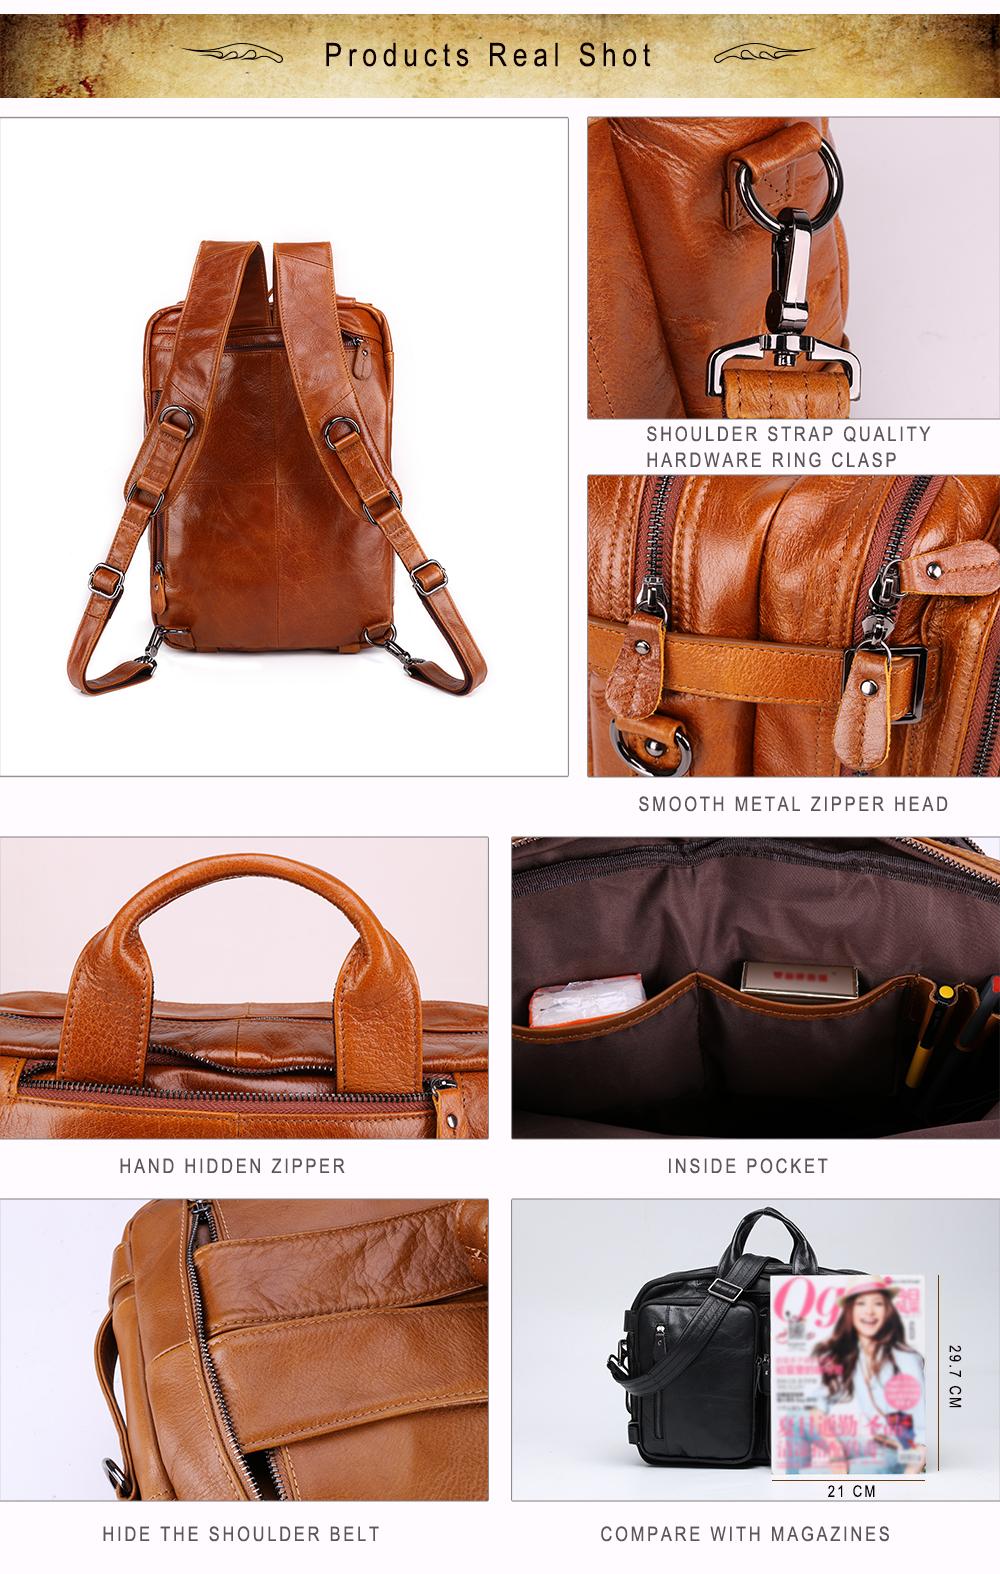 genuine-leather-vintage-men-travel-bag-duffel-bag-men-s-handbag-luggage-travel-bag-large-capacity-leather-shoulder-tote-09.jpg